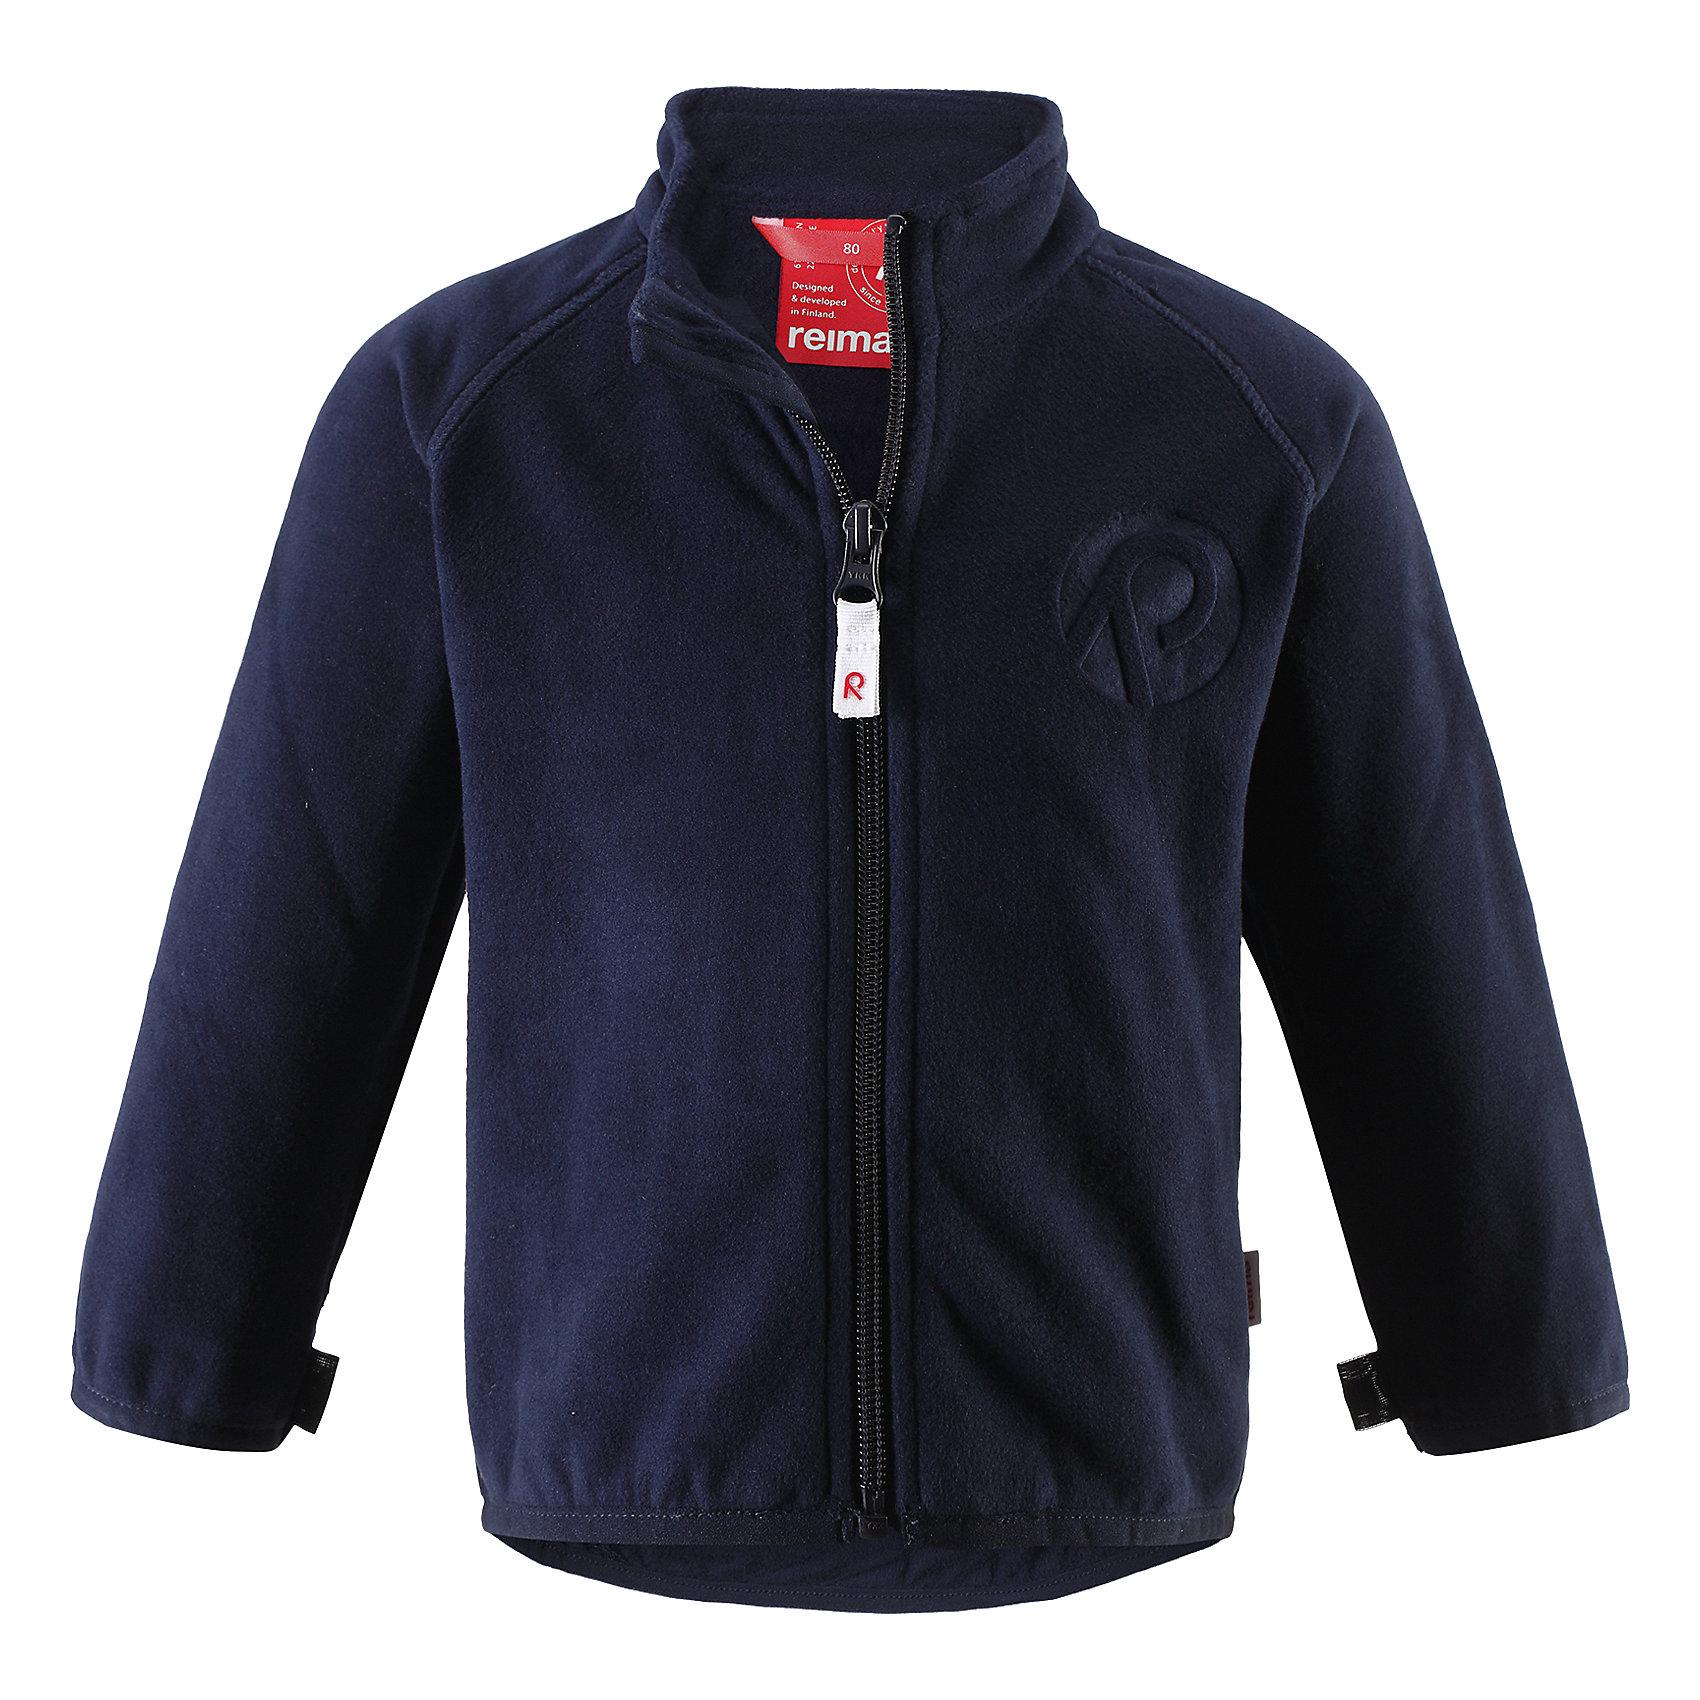 Куртка флисовая Nuoto ReimaОдежда<br>Характеристики товара:<br><br>• цвет: тёмно-синий<br>• состав: 100% полиэстер, флис<br>• тёплый, лёгкий и быстросохнущий полярный флис<br>• пристёгивается к верхней одежде Reima с помощью системы кнопок Play Layers<br>• эластичные манжеты и подол<br>• молния во всю длину со вставкой для защиты подбородка<br>• модель с горячим тиснением<br>• комфортная посадка<br>• страна производства: Китай<br>• страна бренда: Финляндия<br>• коллекция: весна-лето 2017<br><br>Одежда для детей может быть модной и комфортной одновременно! Удобная курточка поможет обеспечить ребенку комфорт и тепло. Изделие сшито из флиса - мягкого и теплого материала, приятного на ощупь. Модель стильно смотрится, отлично сочетается с различным низом. Стильный дизайн разрабатывался специально для детей.<br><br>Одежда и обувь от финского бренда Reima пользуется популярностью во многих странах. Эти изделия стильные, качественные и удобные. Для производства продукции используются только безопасные, проверенные материалы и фурнитура. Порадуйте ребенка модными и красивыми вещами от Reima! <br><br>Куртку флисовую для мальчика от финского бренда Reima (Рейма) можно купить в нашем интернет-магазине.<br><br>Ширина мм: 356<br>Глубина мм: 10<br>Высота мм: 245<br>Вес г: 519<br>Цвет: синий<br>Возраст от месяцев: 18<br>Возраст до месяцев: 24<br>Пол: Унисекс<br>Возраст: Детский<br>Размер: 92,74,98,86,80<br>SKU: 5271271